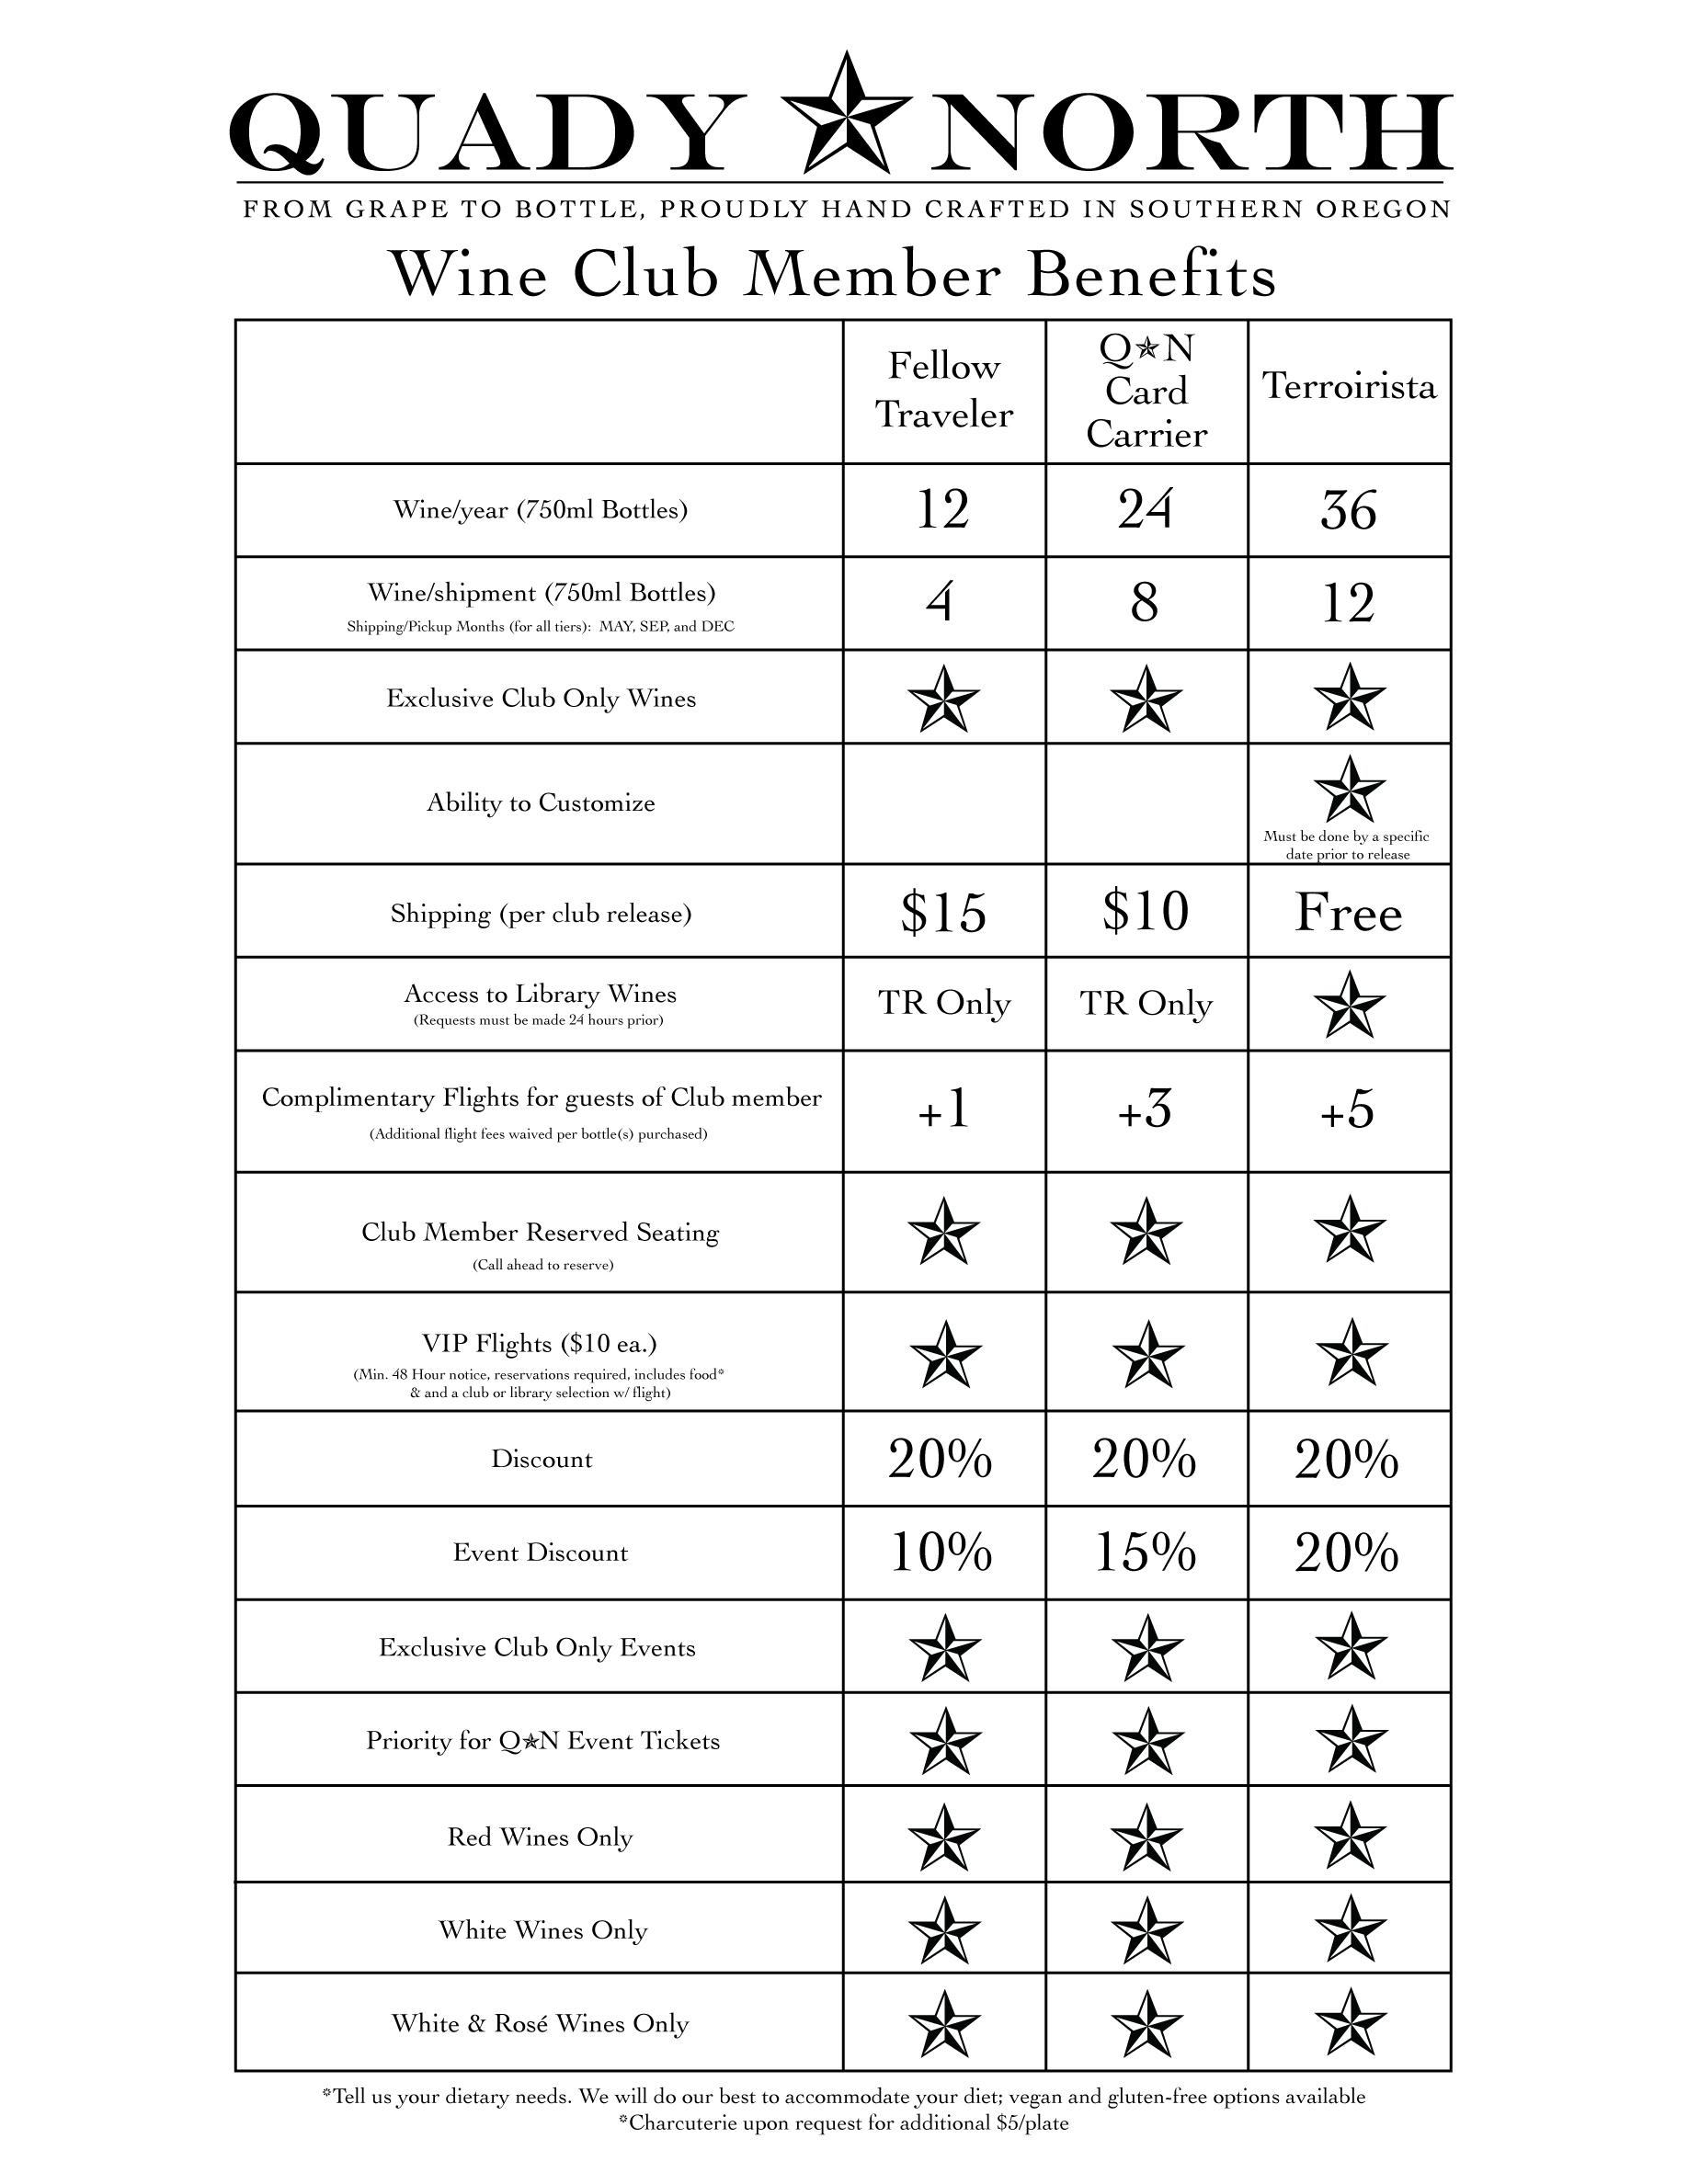 Club Benefit Matrix